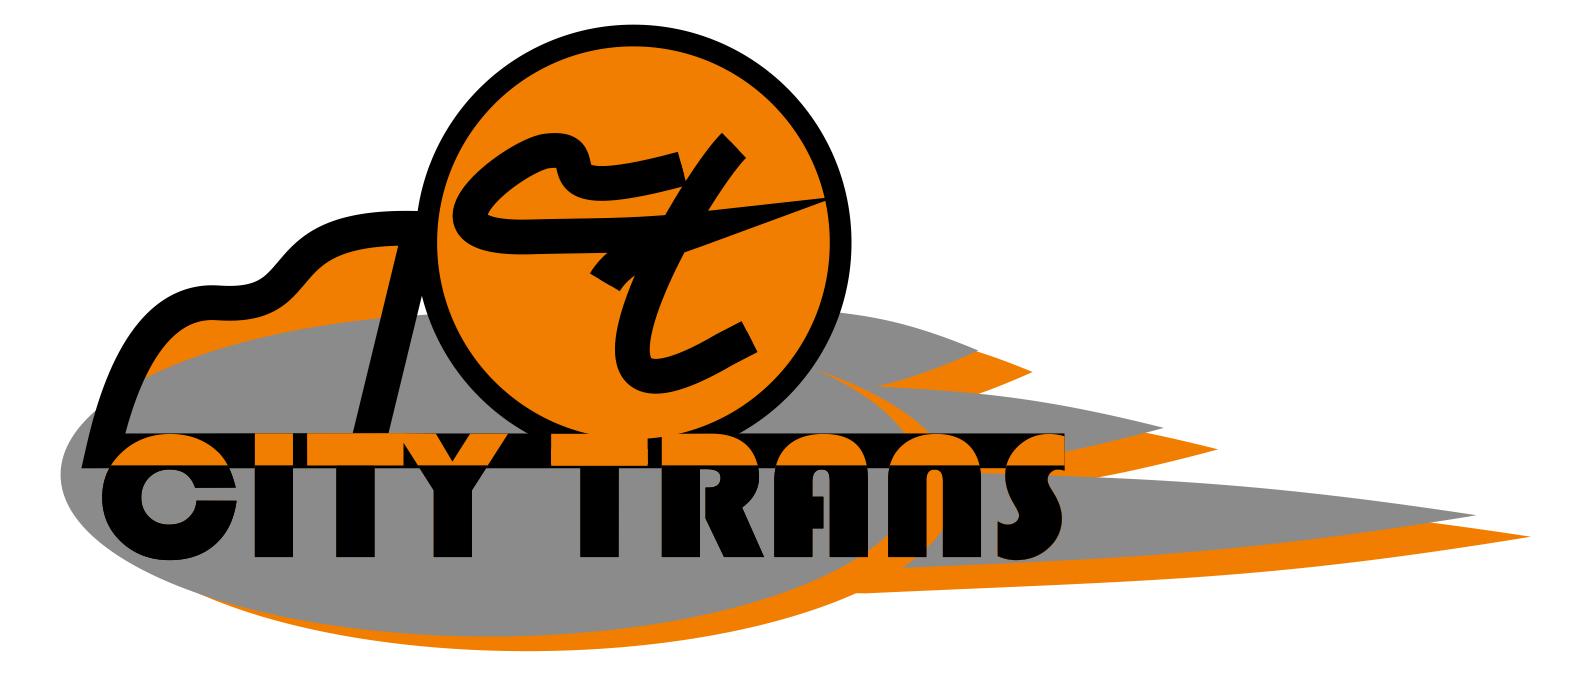 Разработка Логотипа транспортной компании фото f_3505e6e594295d7d.png